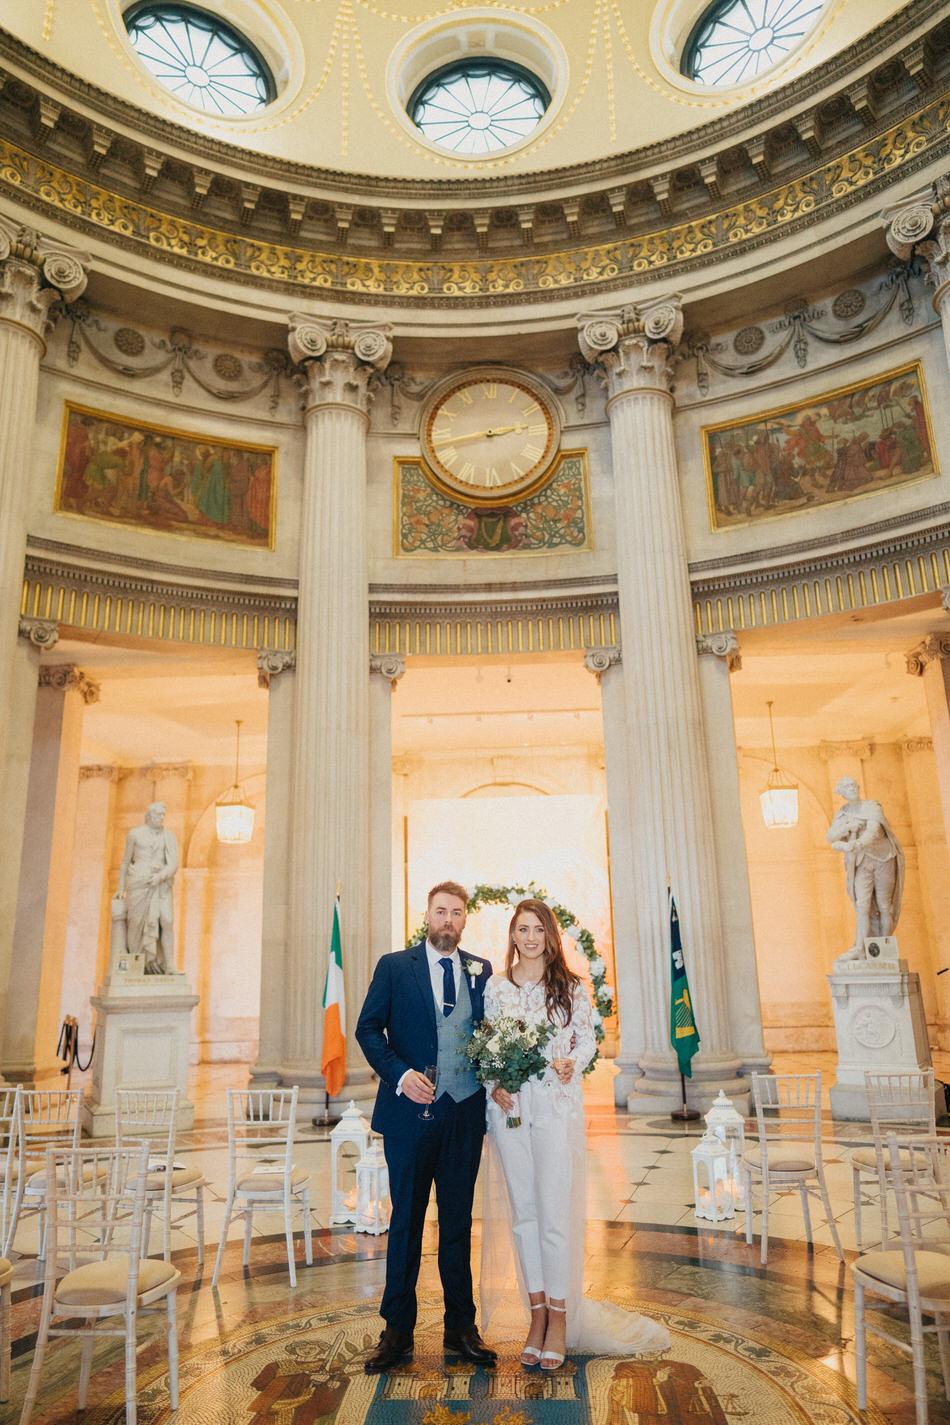 City-hall-dublin-wedding-photos-51 50